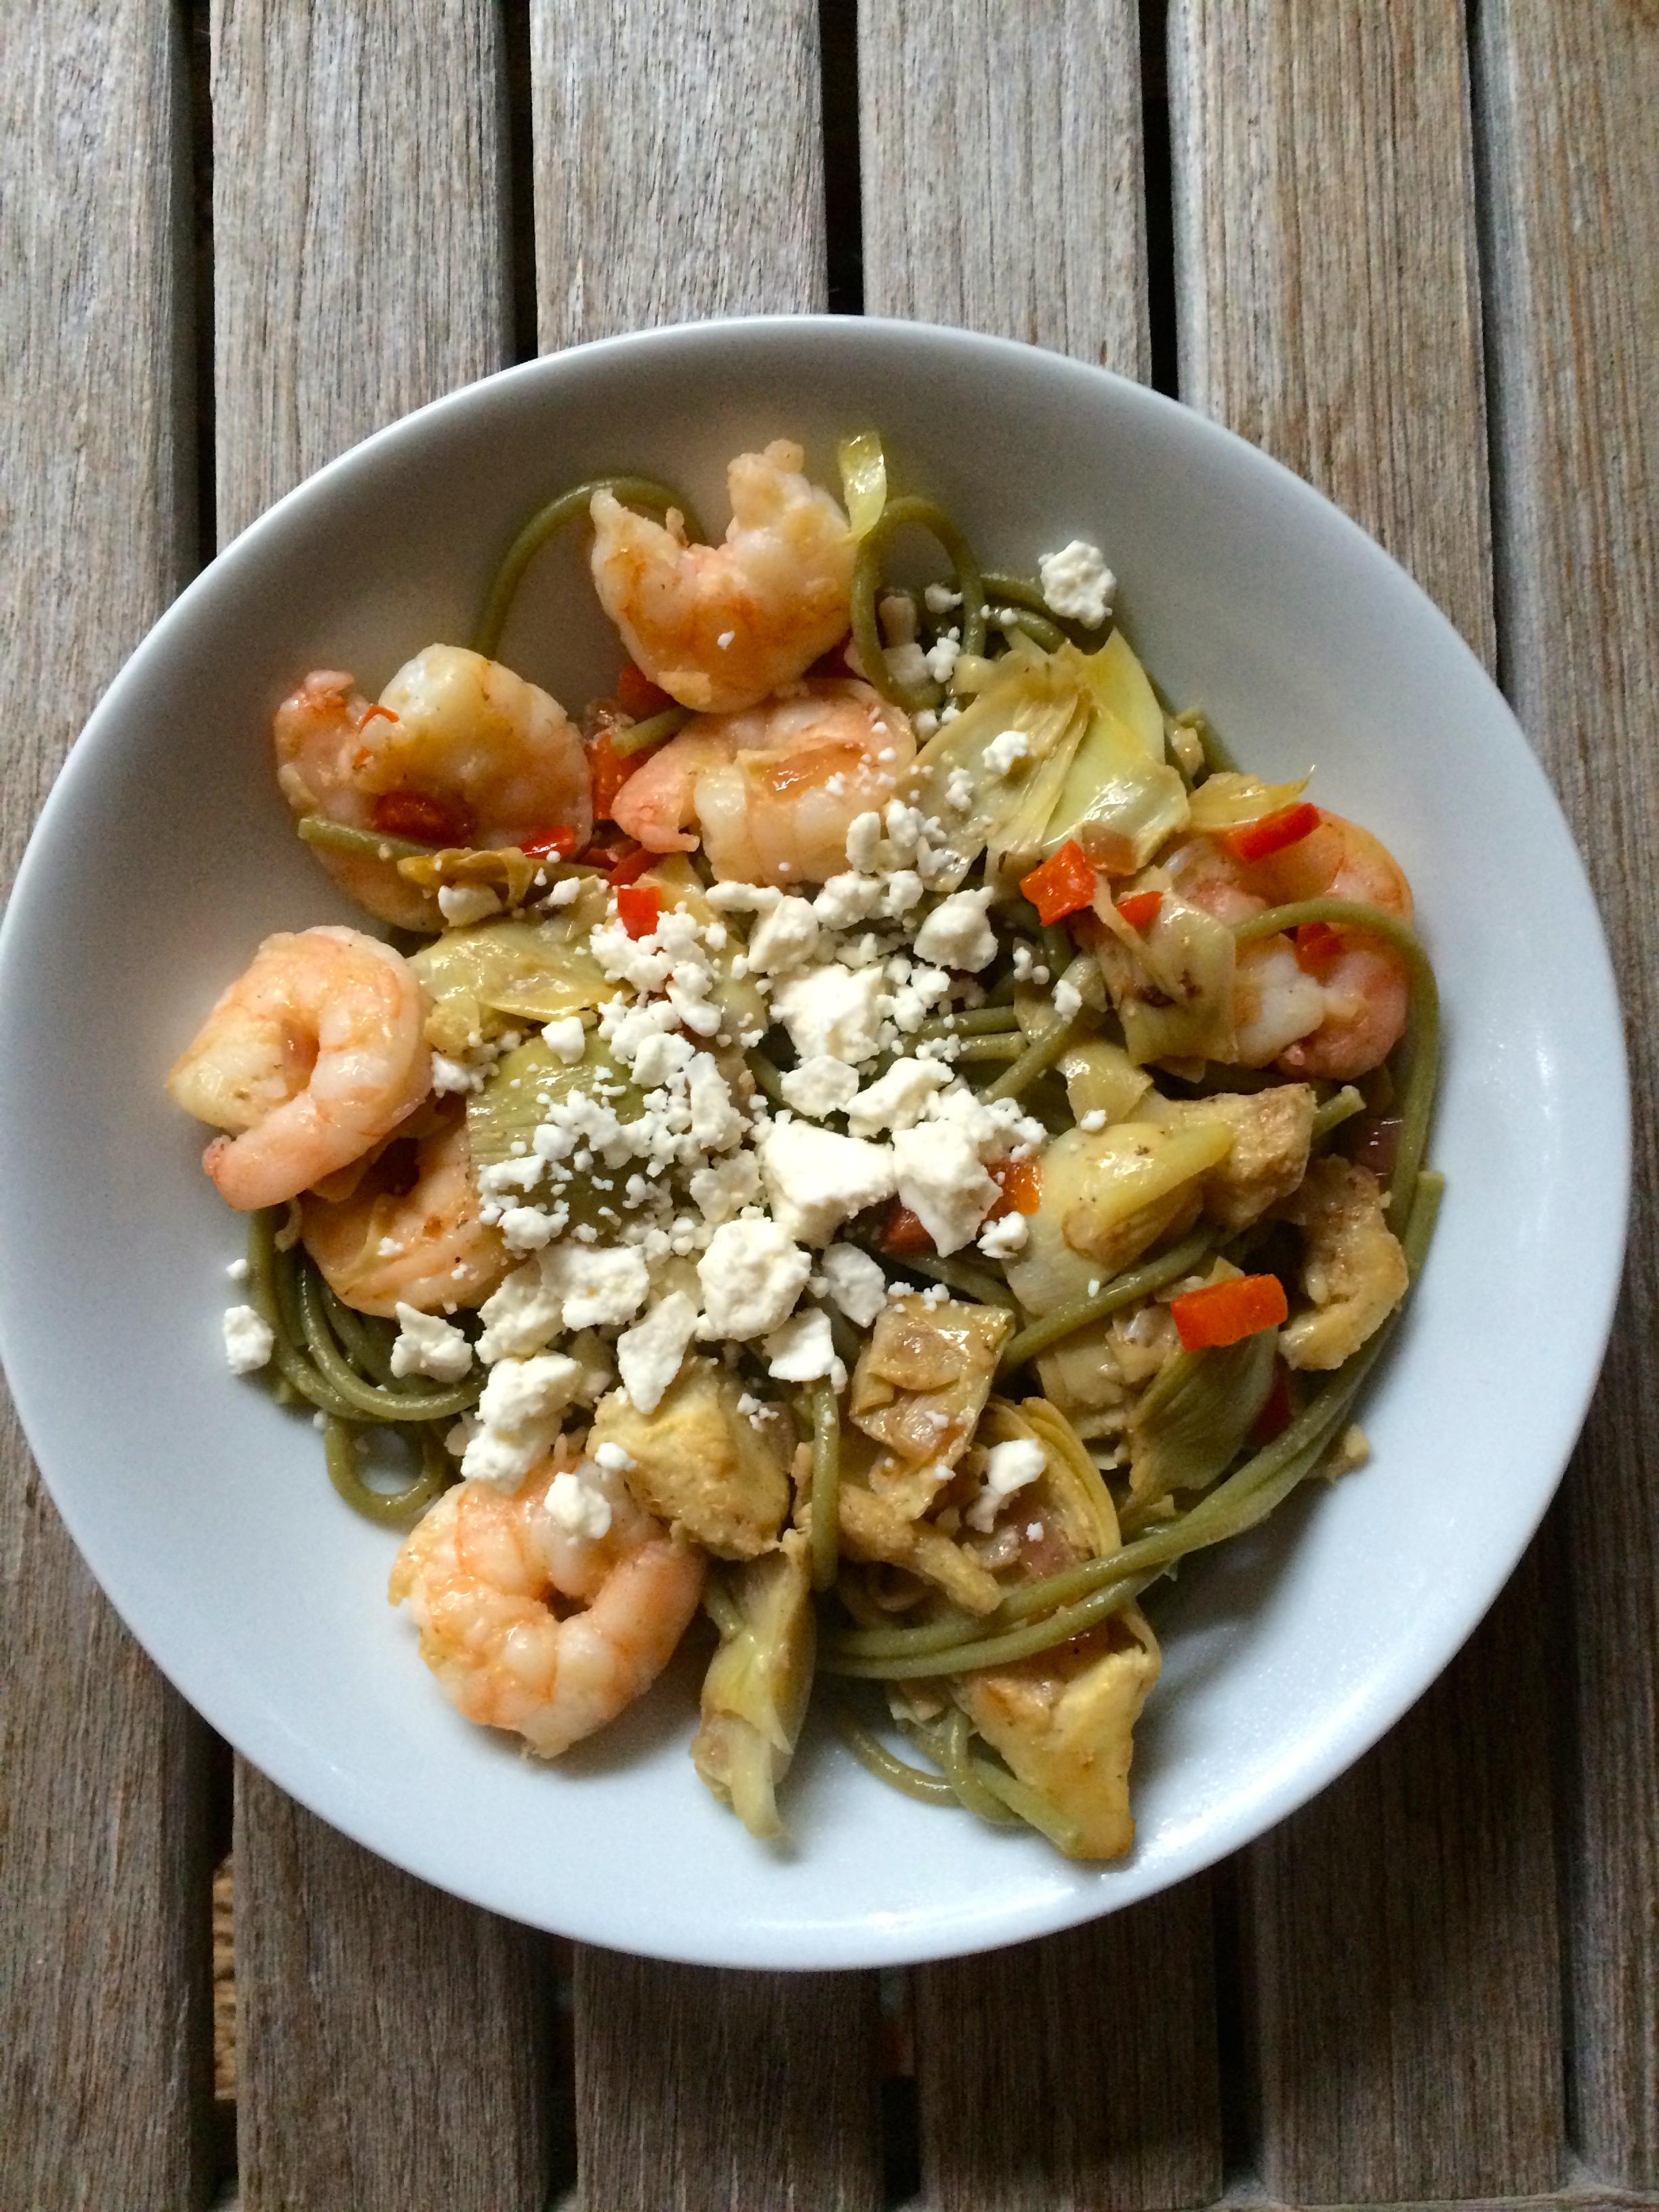 Med Pasta (shrimp, feta, spinach pasta, artichokes) so ...